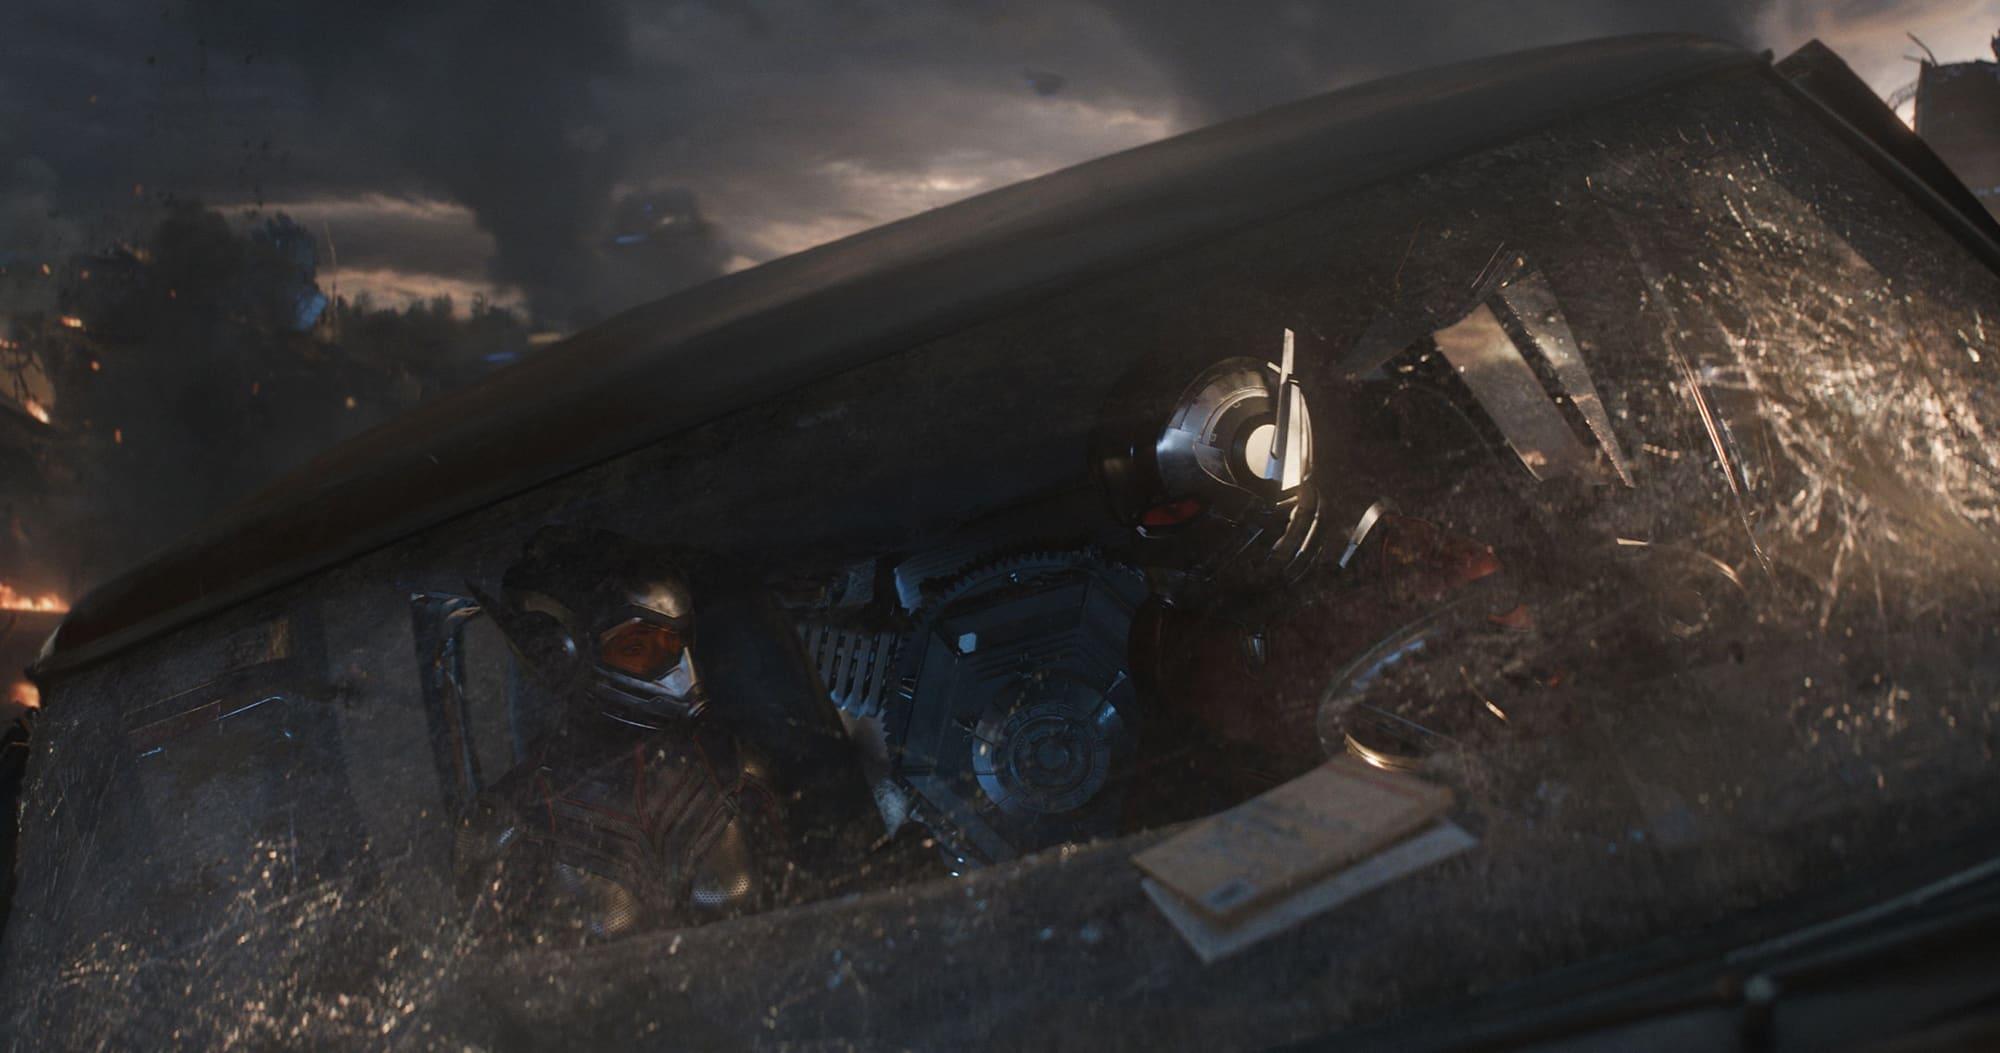 VFXShow 240: Avengers: Endgame – fxguide